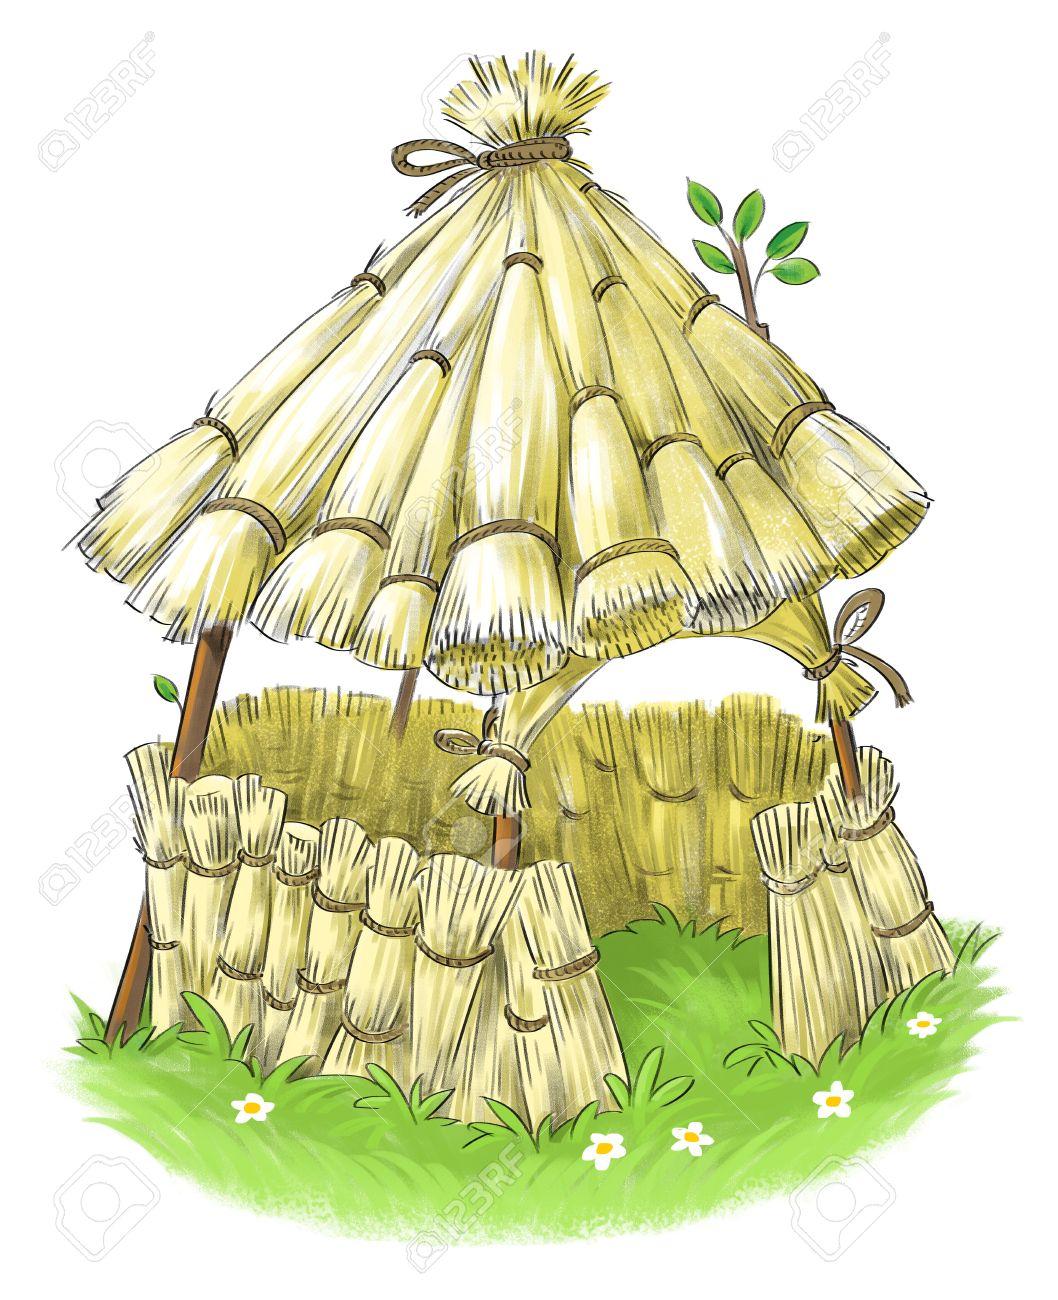 Banque dimages fée maison de paille de trois petits cochons conte de fées